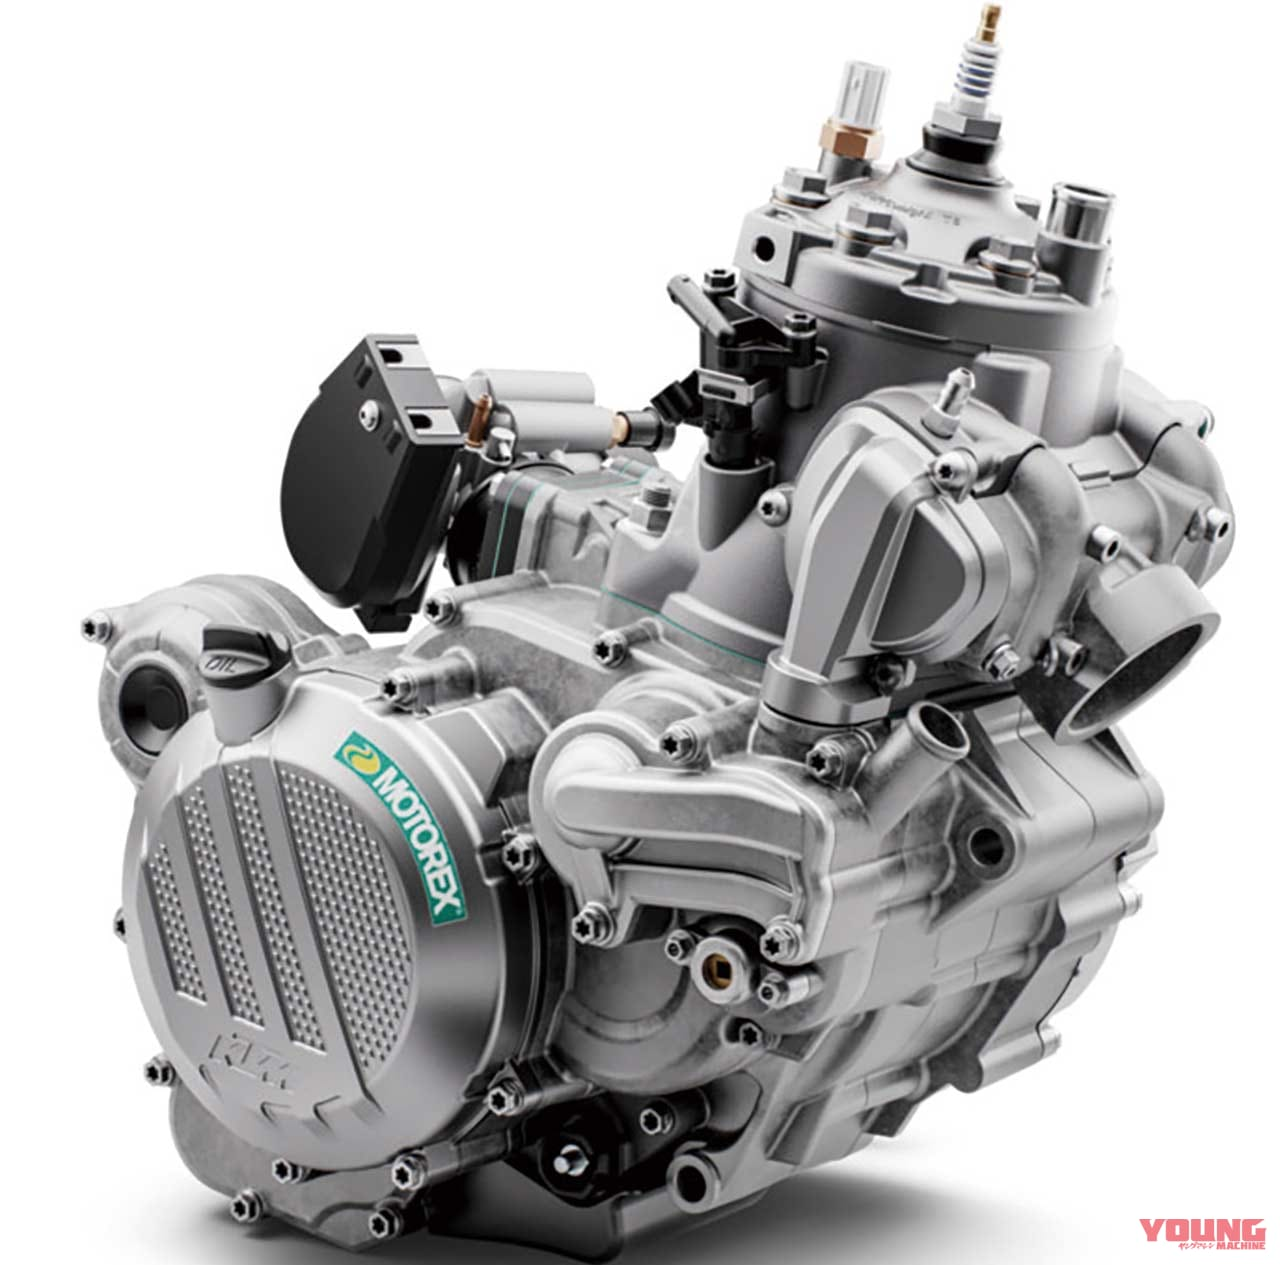 KTM 250EXC TPI